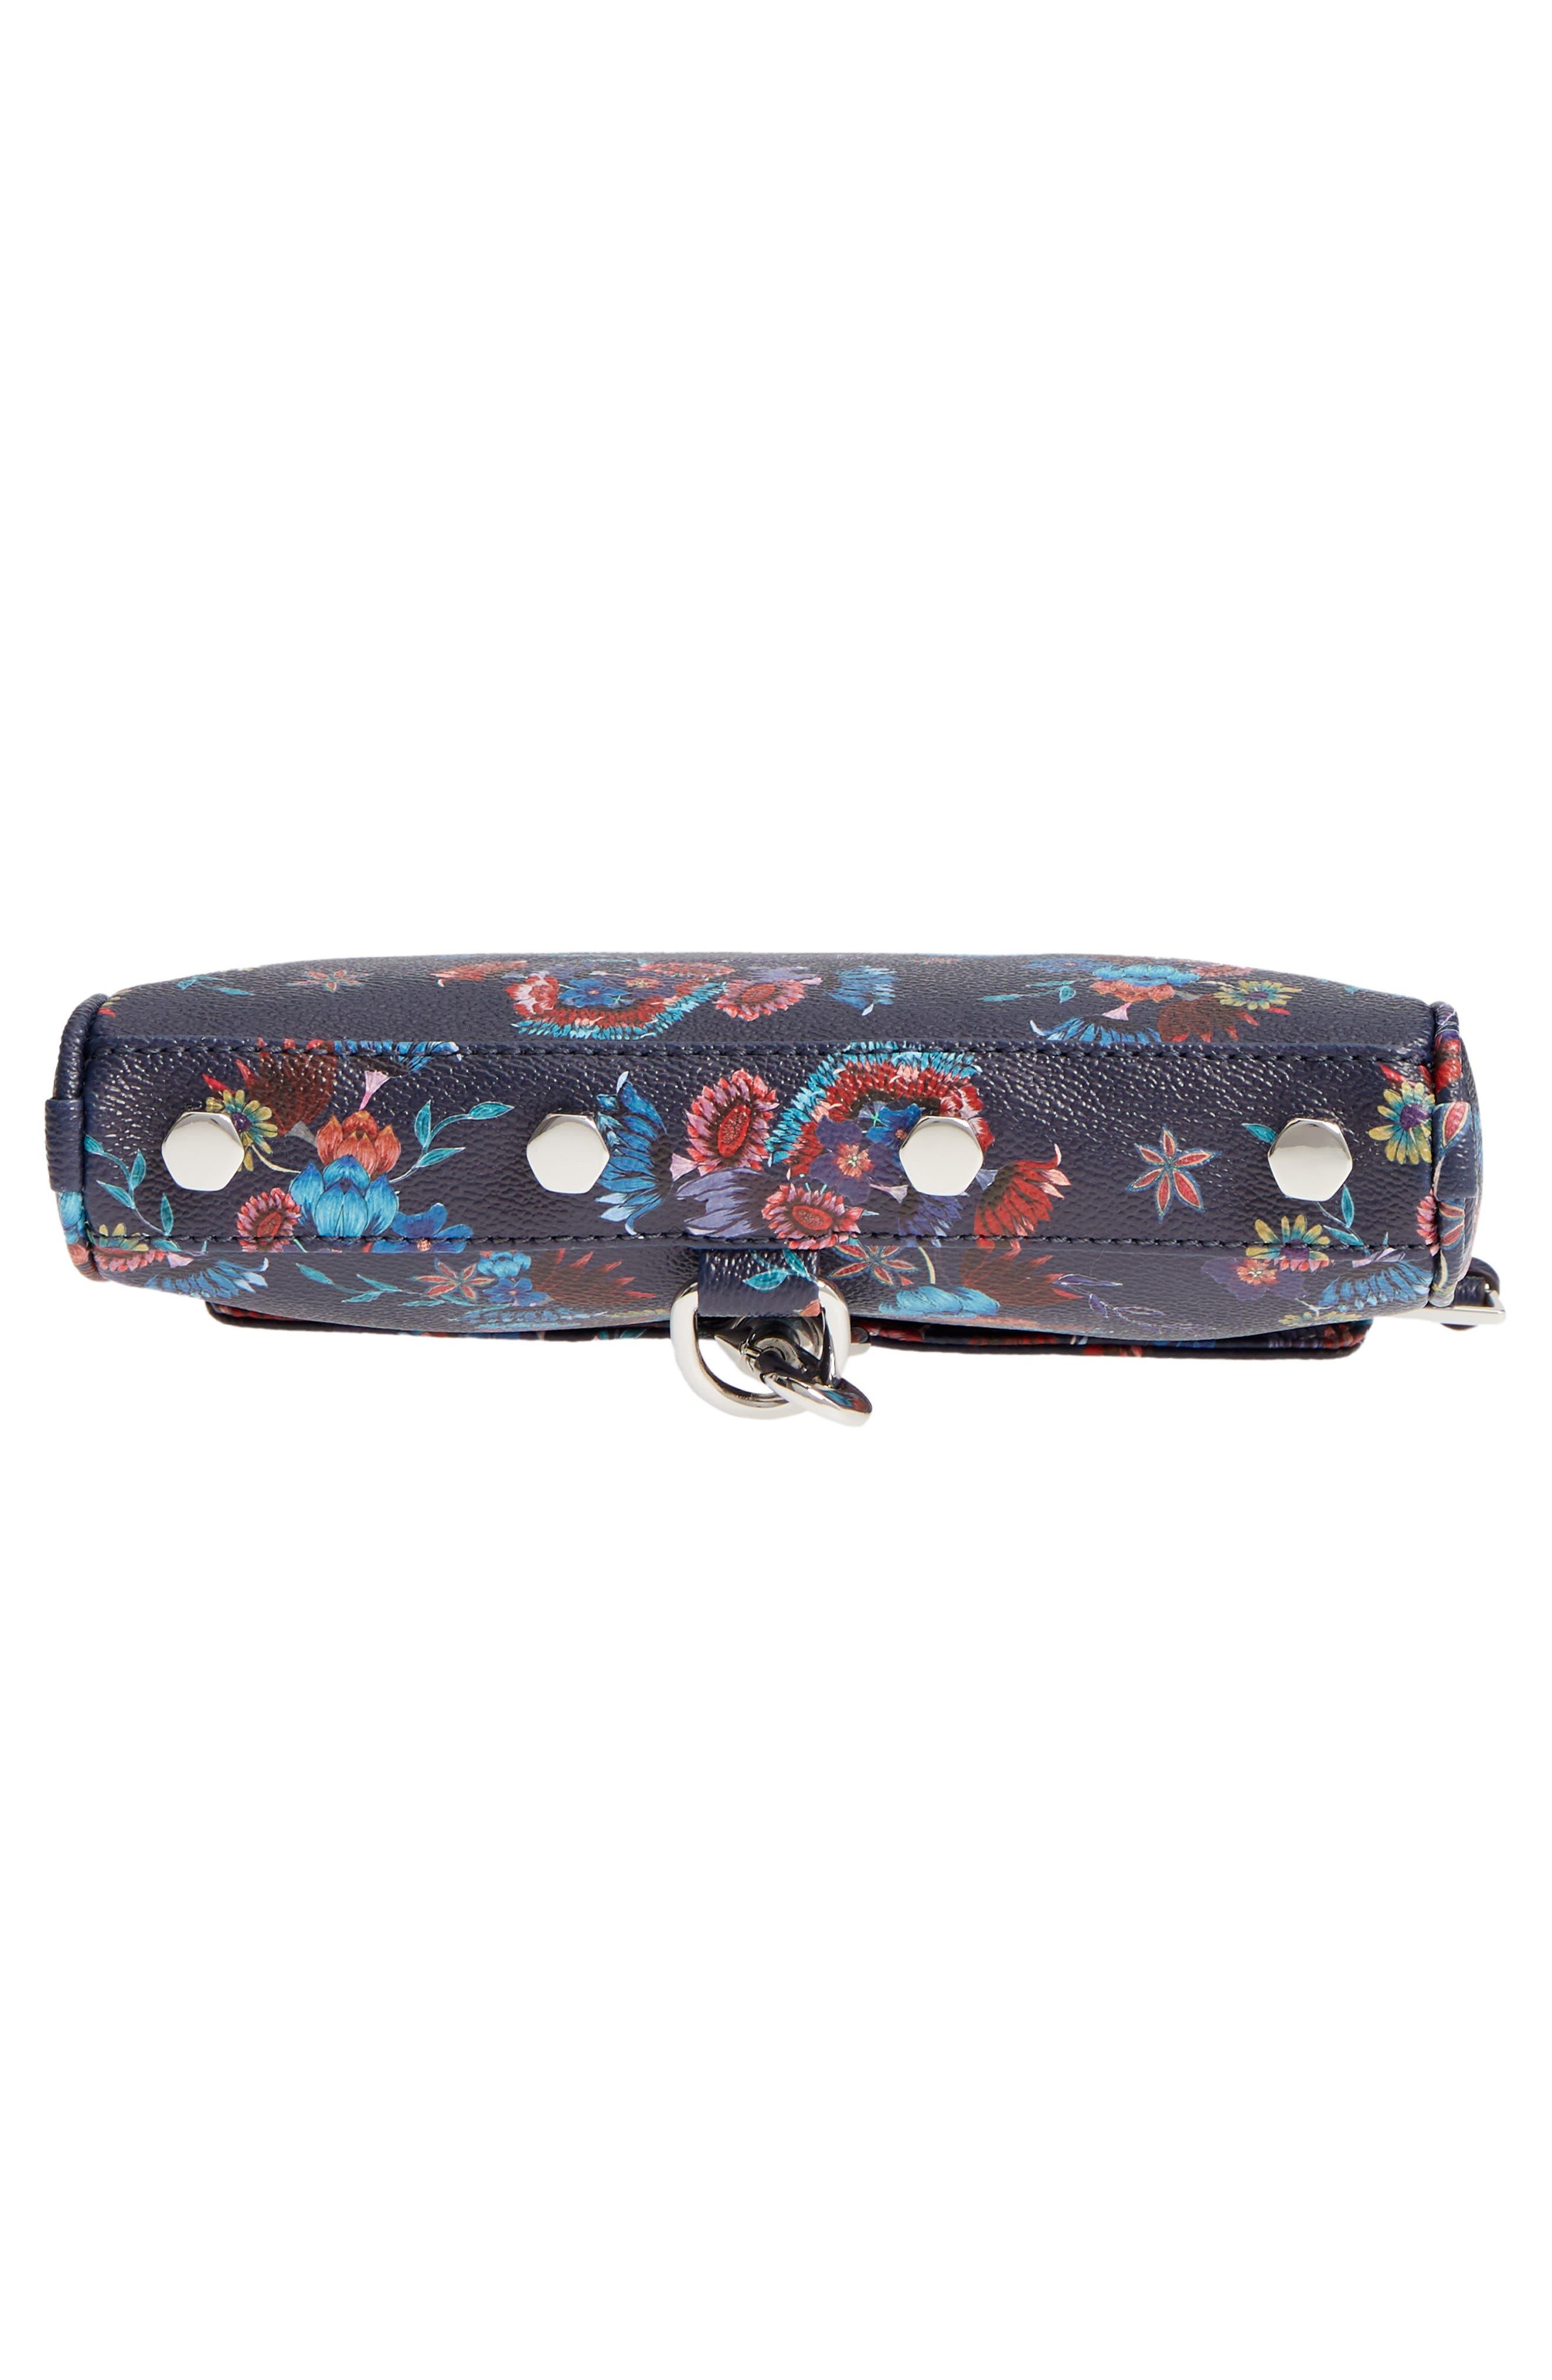 Mini MAC Convertible Crossbody Bag,                             Alternate thumbnail 11, color,